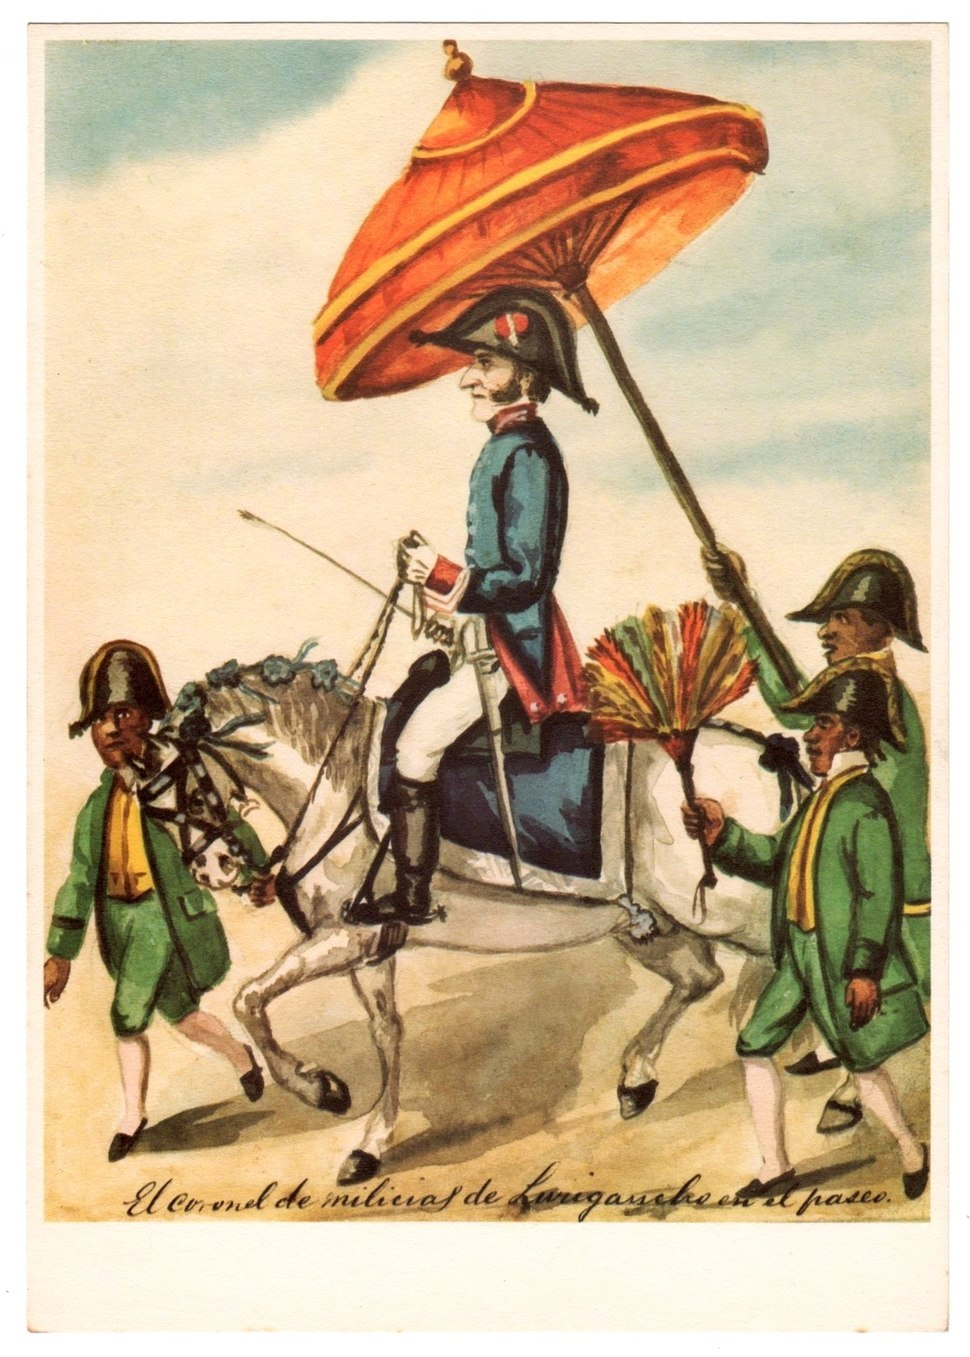 El Coronel de Milicias de Lurigancho en el paseo